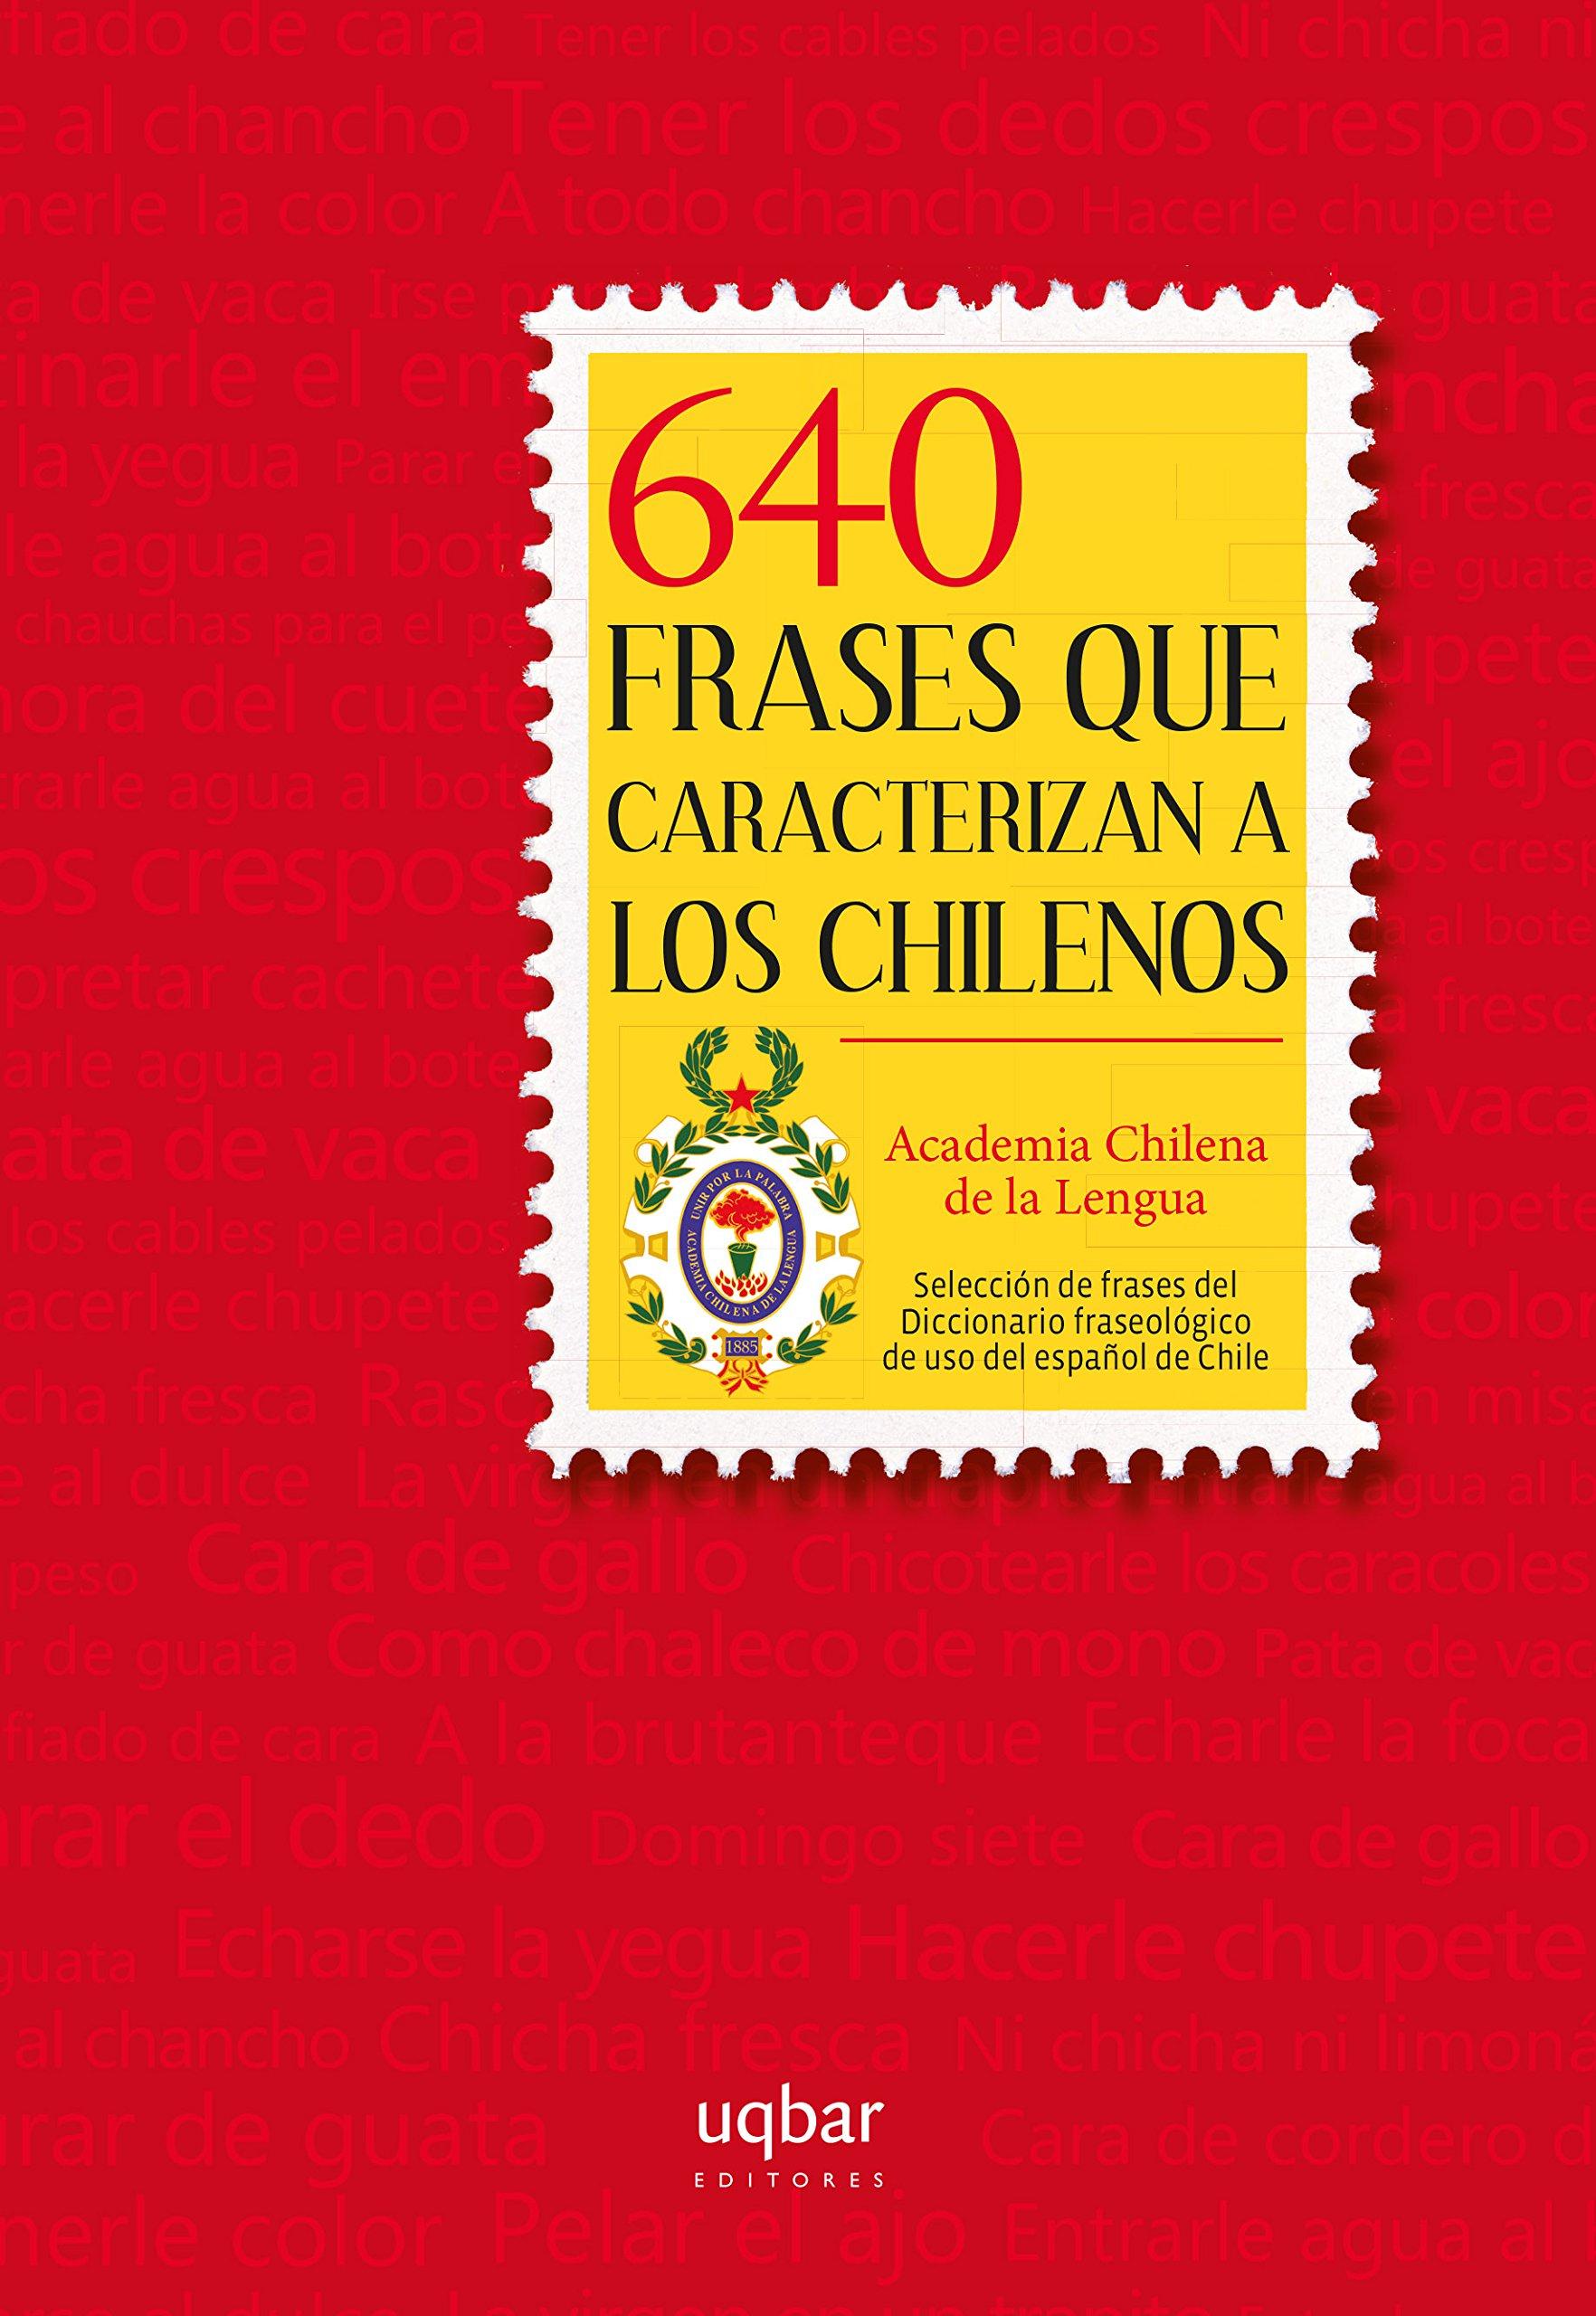 640 frases que caracterizan a los chilenos: Amazon.es: Academia chilena de la lengua: Libros